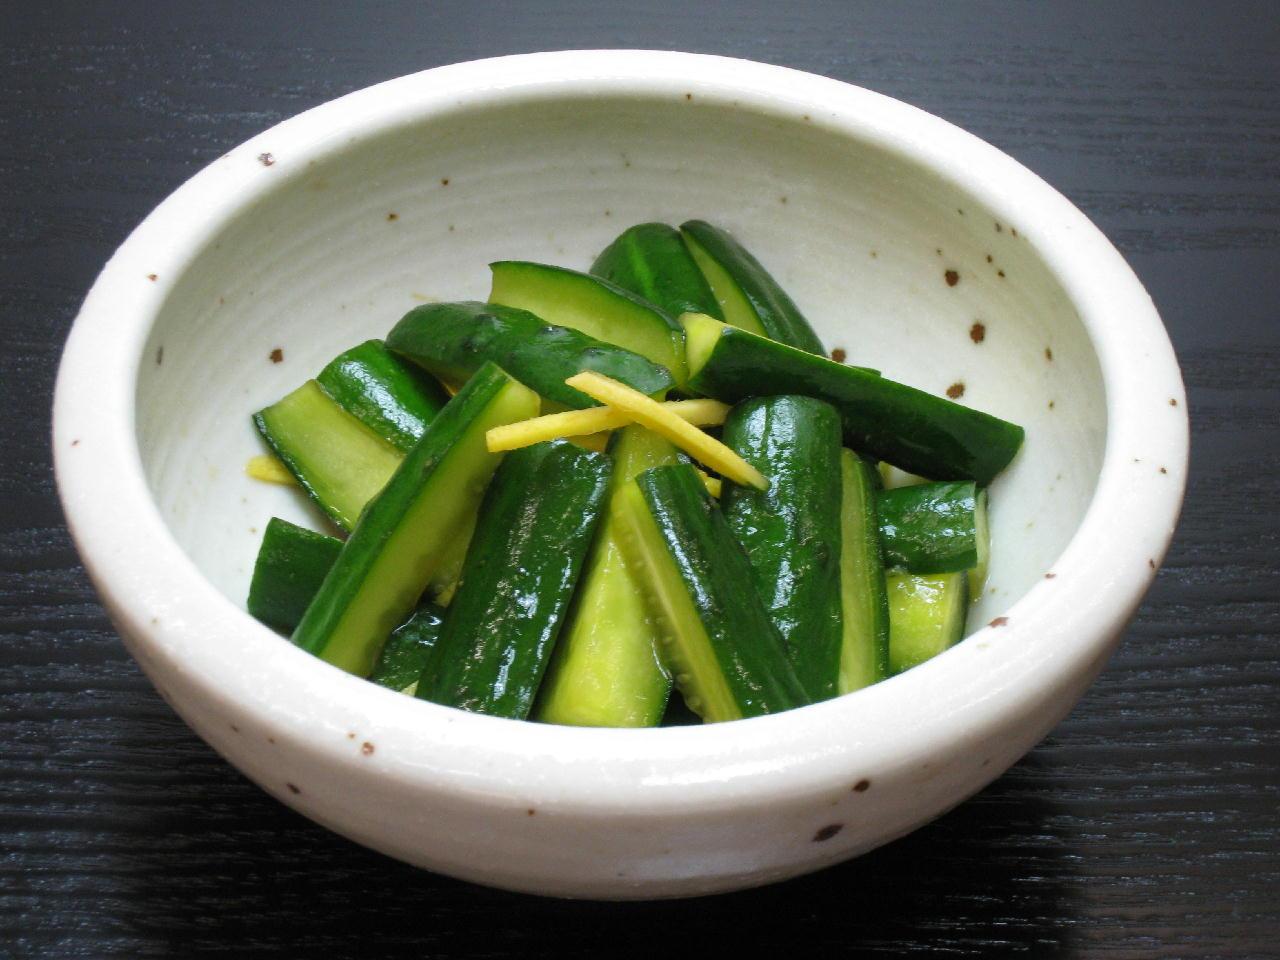 簡単!きゅうりの浅漬けレシピ5選 さっぱり常備菜で弁当おつまみものサムネイル画像